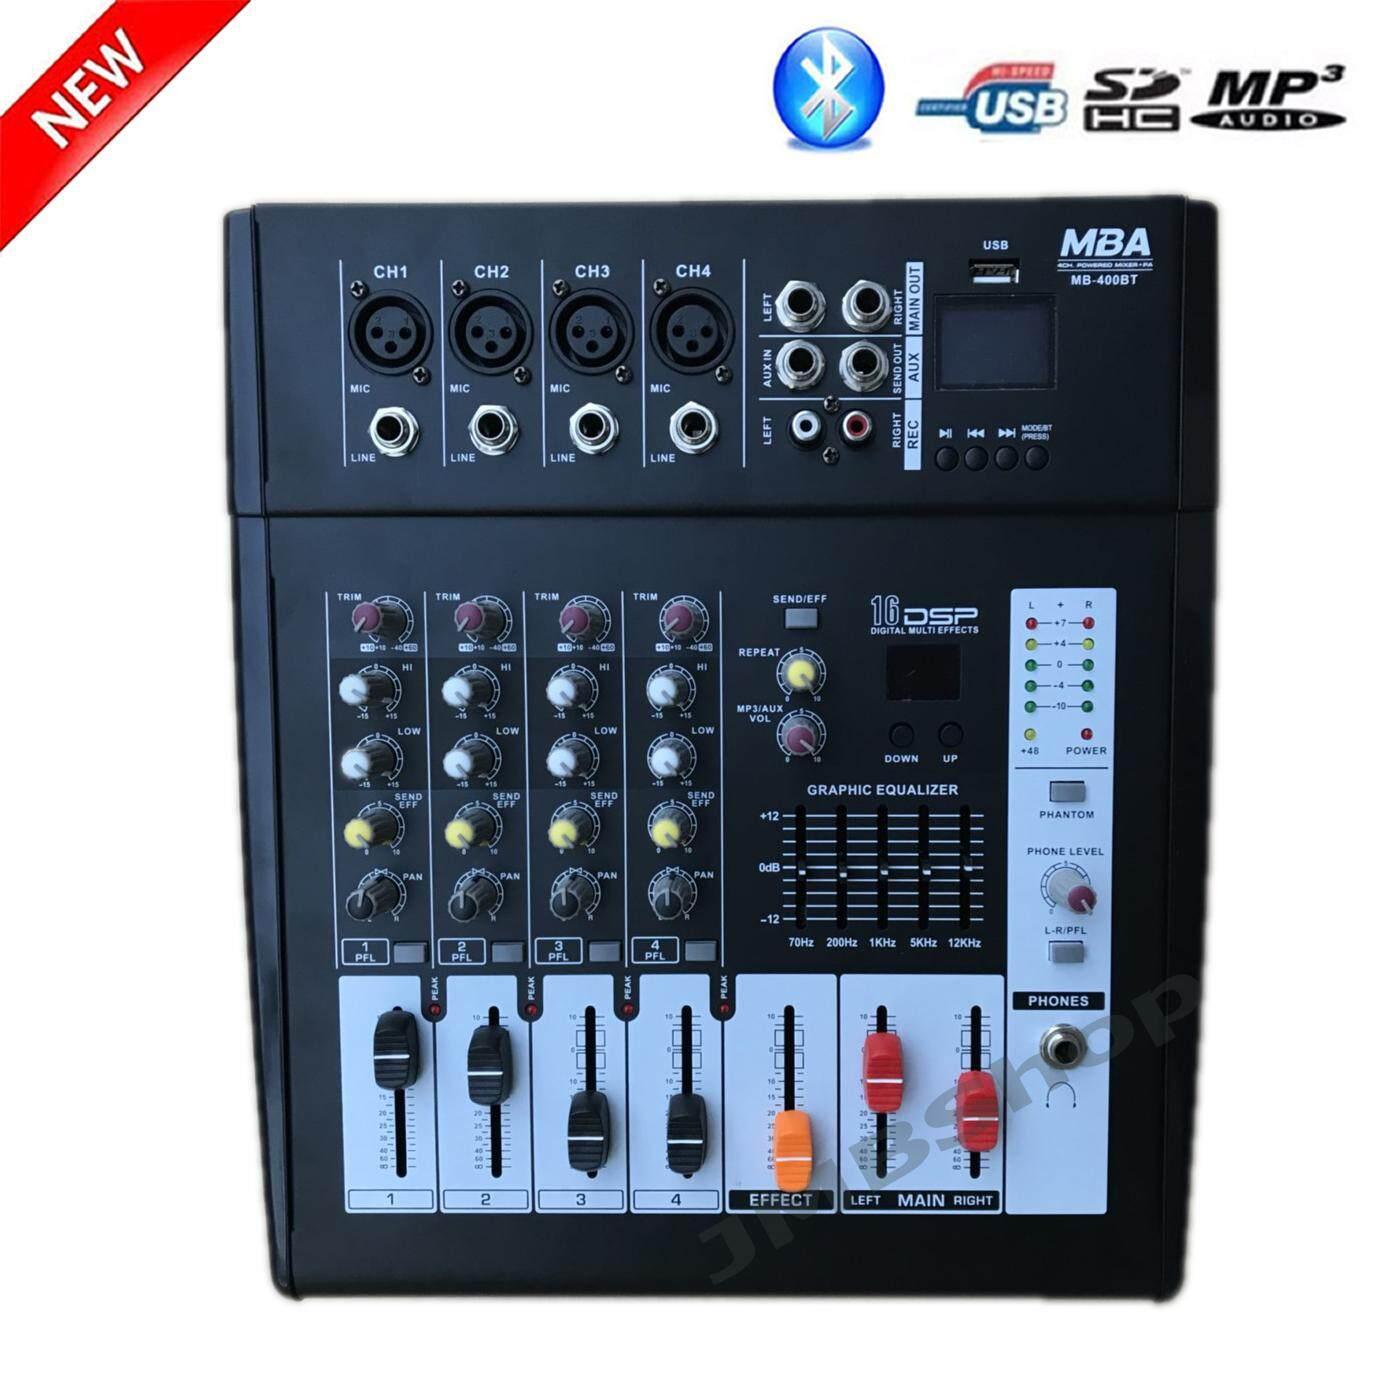 เพาเวอร์มิกเซอร์ 4 ช่องฺBluetooth USB MP3 16DSP เอฟเฟ็ค 150+150วัตต์ รุ่น MBA MB-400BT PROFESSIONAL POWERED MIXER